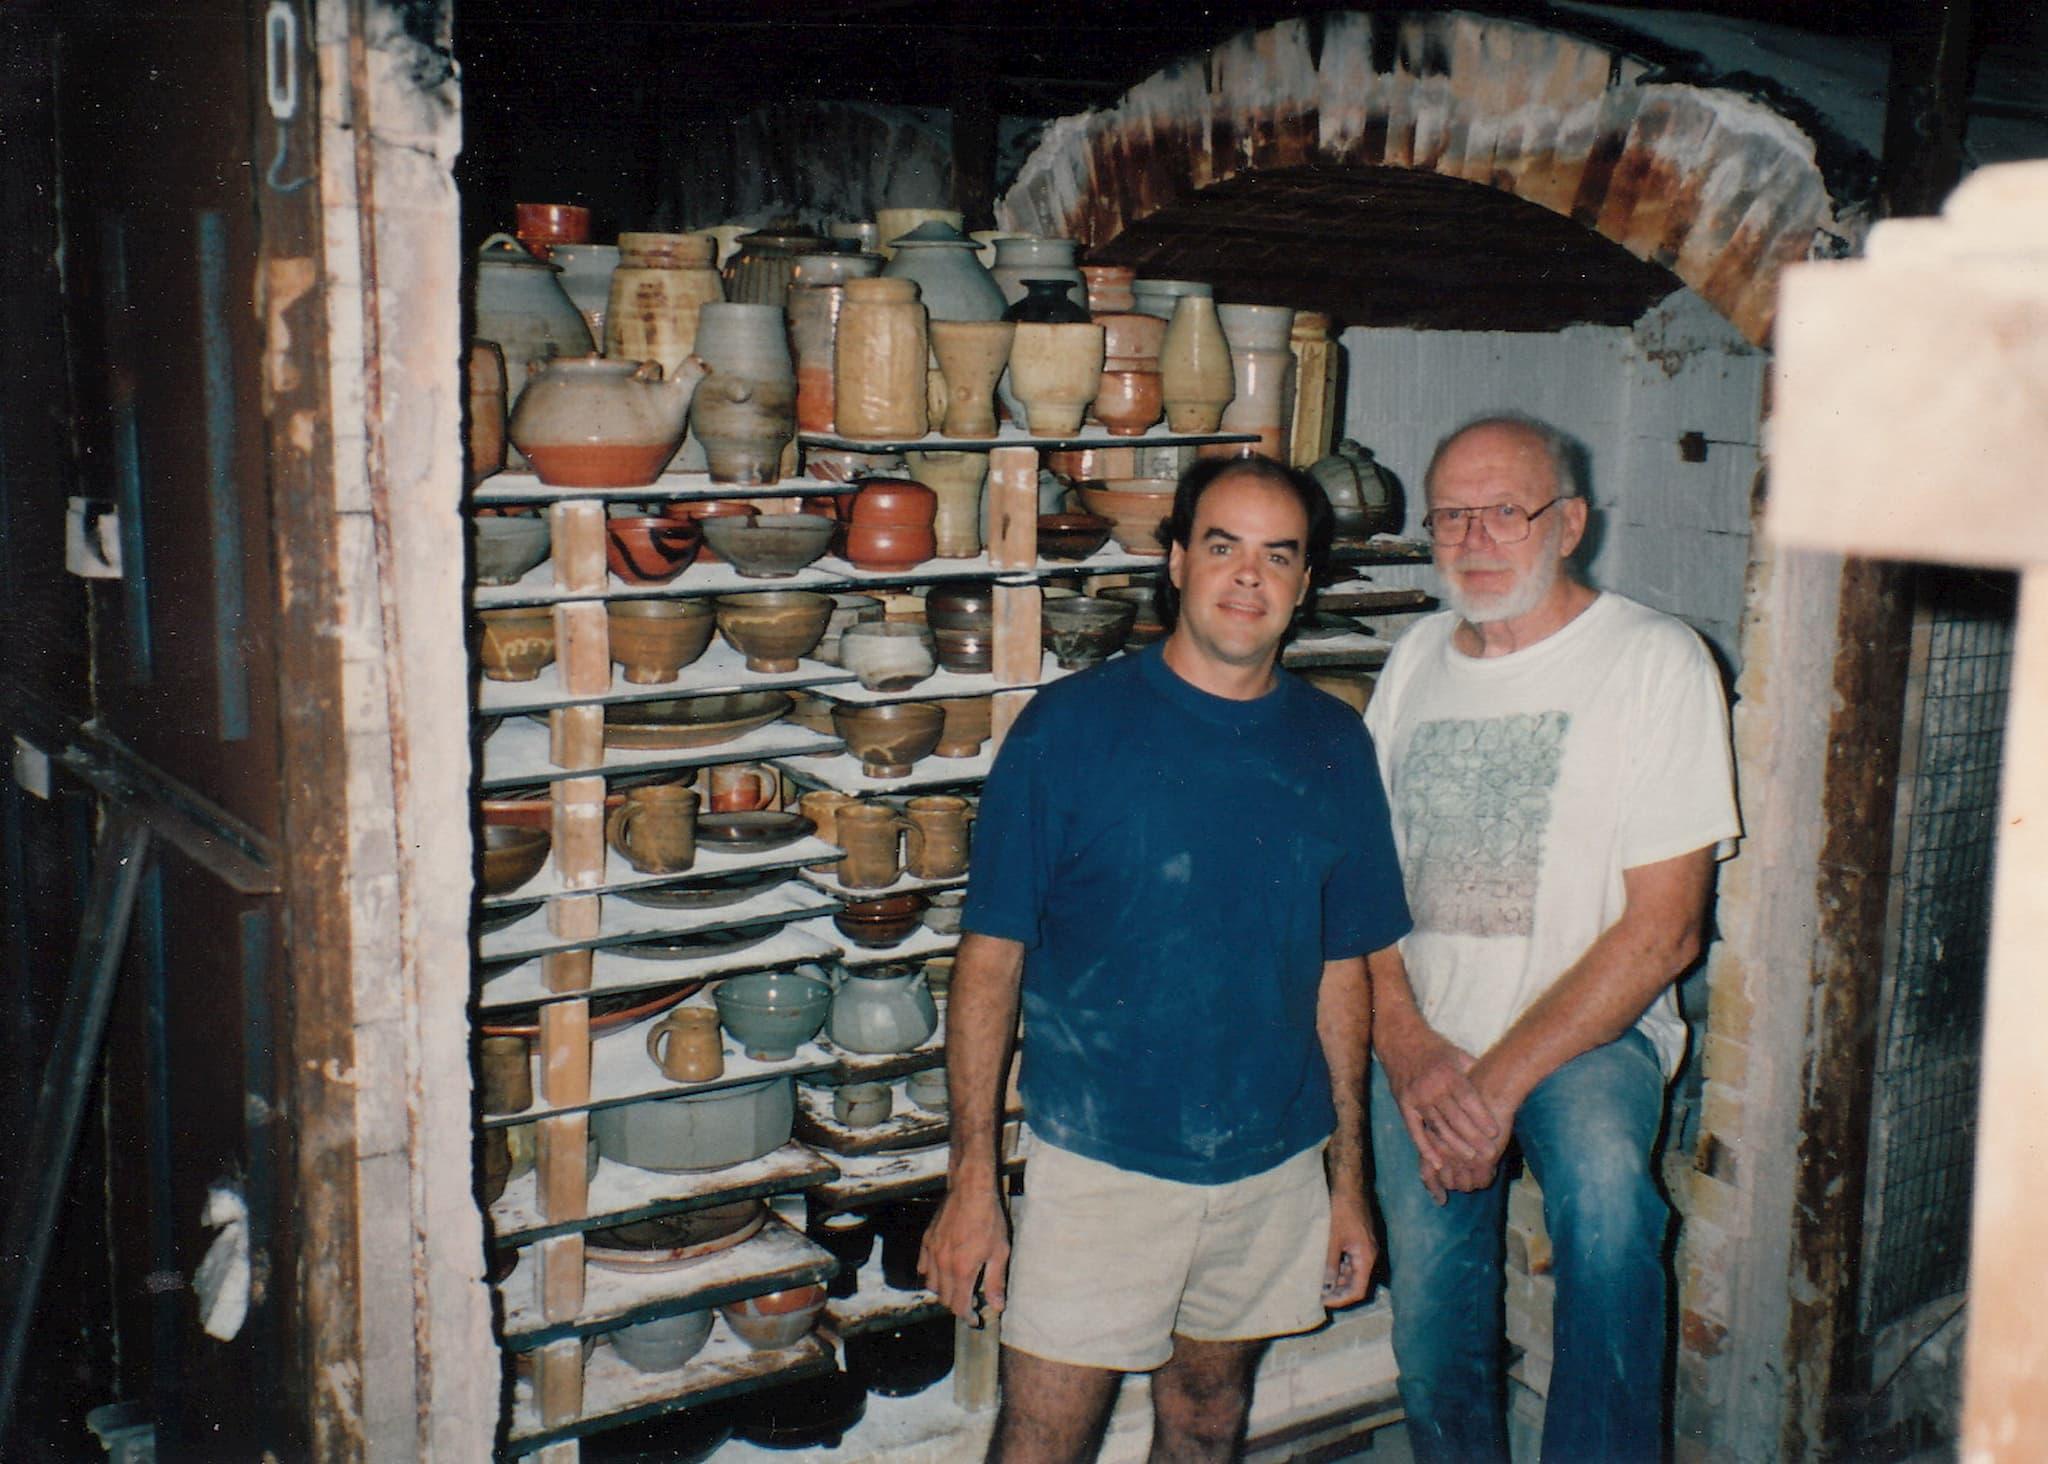 Guillermo Cuellar & Warren MacKenzie post-firing in Stillwater, MN. Courtesy of Guillermo Cuellar